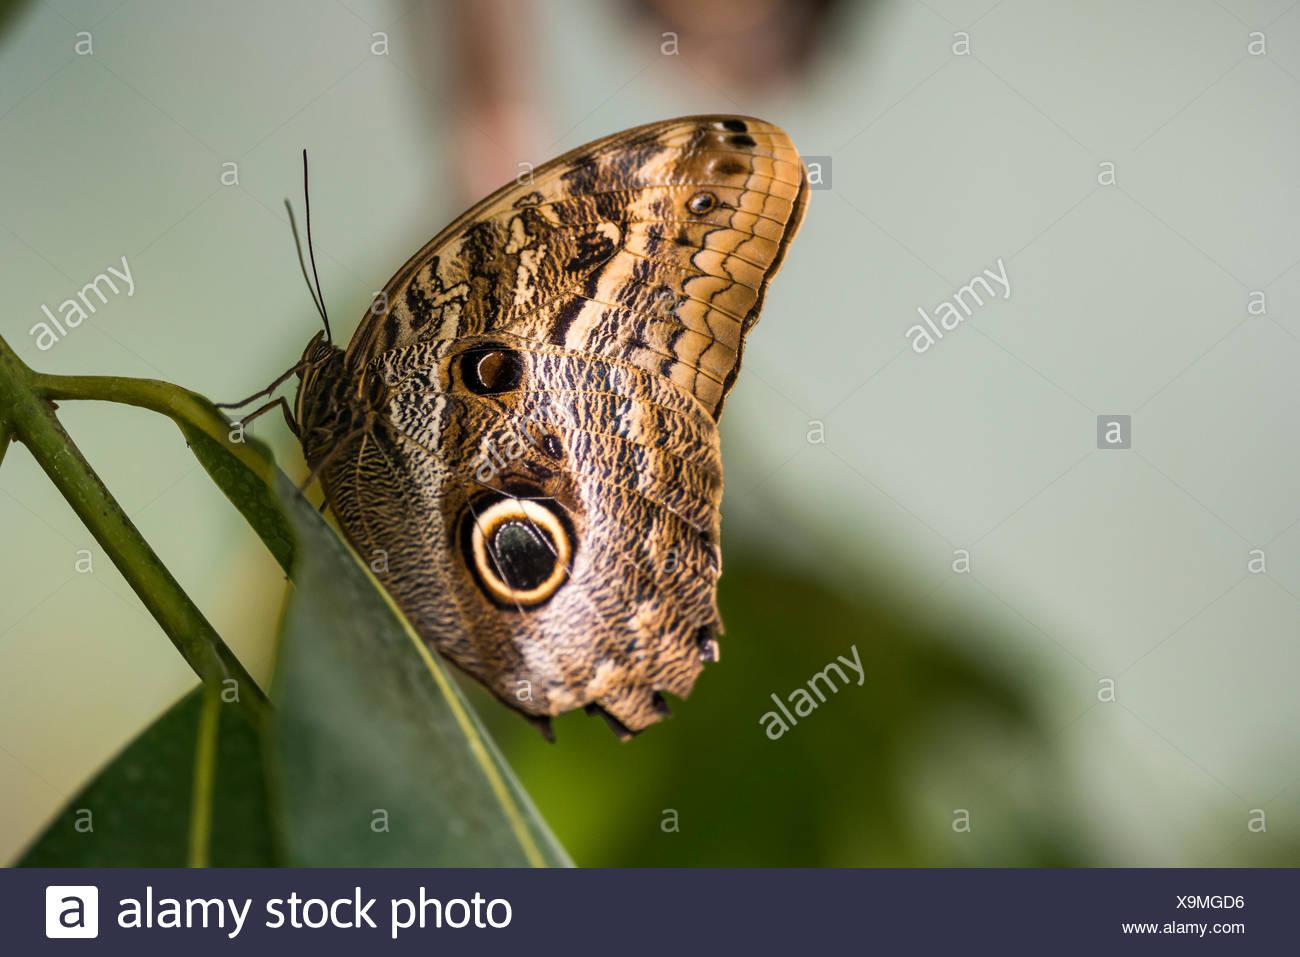 Forest Giant Owl Butterfly (Caligo eurilochus), Mauazinho, Manaus, Amazonas State, Brazil - Stock Image